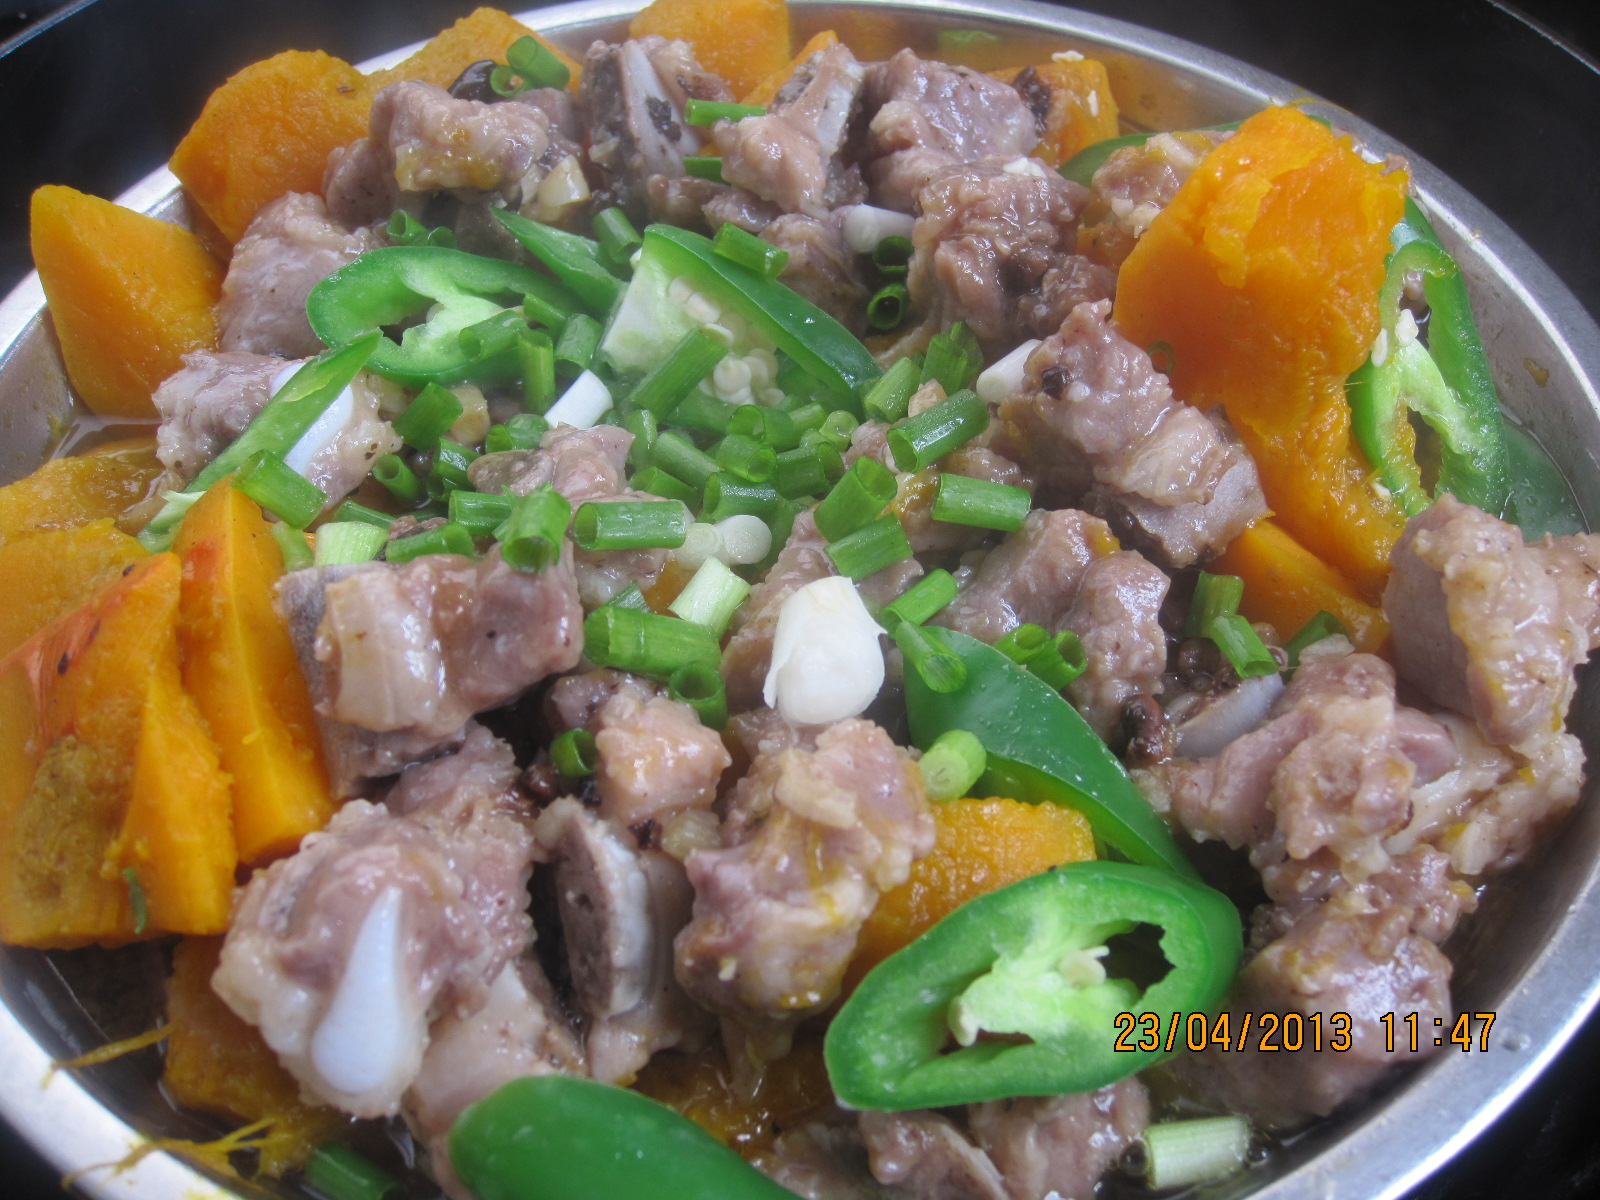 小南瓜蒸排骨小白菜排骨汤用高压锅图片